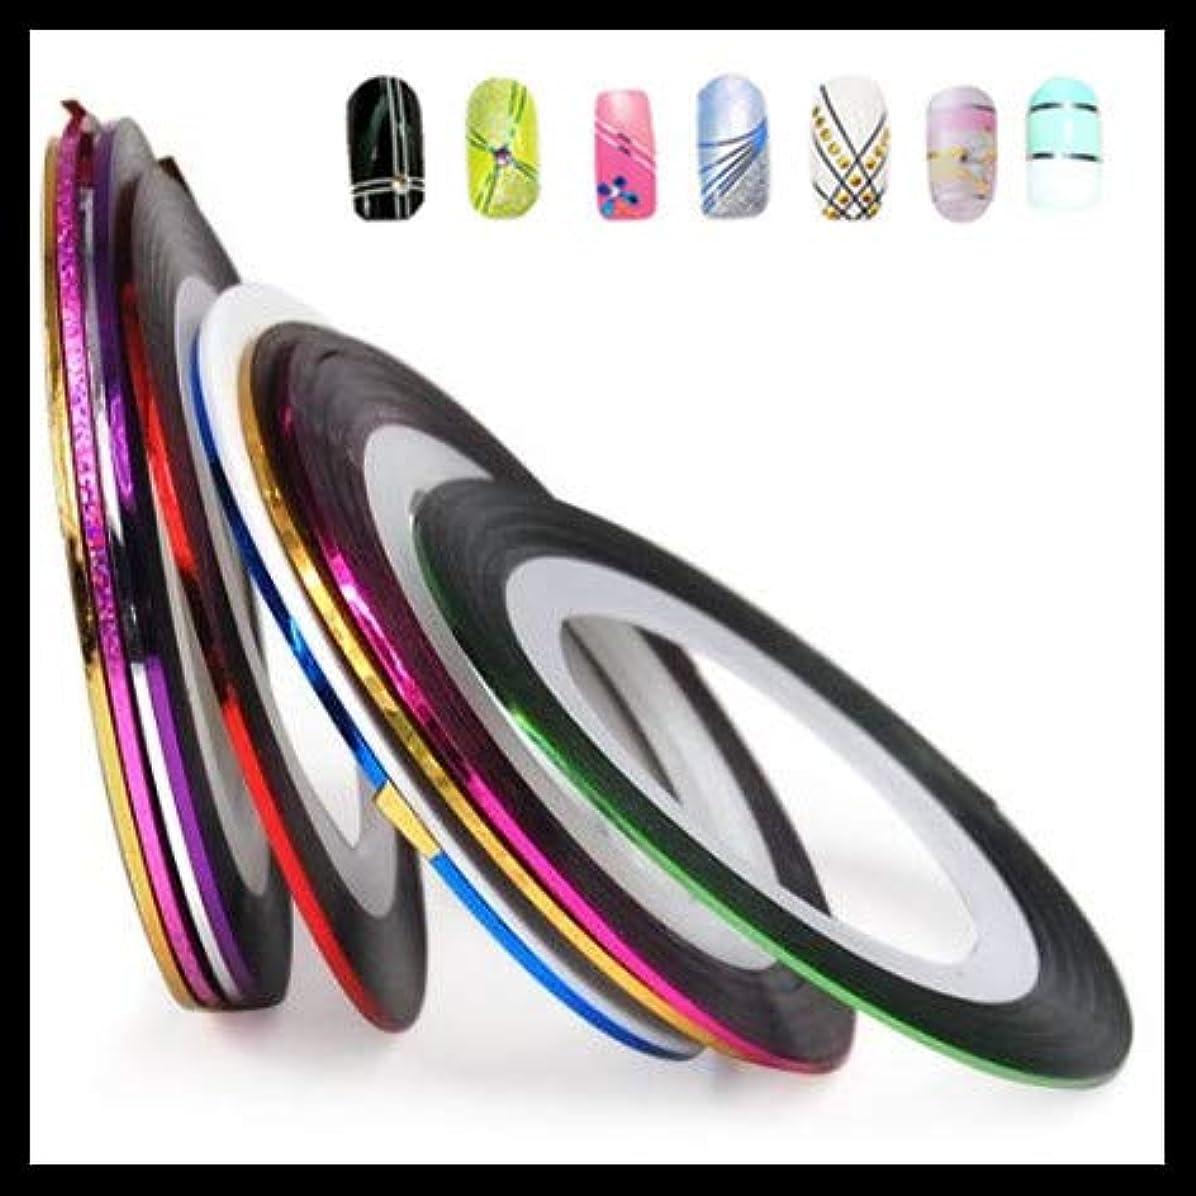 不適先のことを考える無心SUKTI&XIAO ネイルステッカー 20ミックスカラーロールストライピングテープ金属糸ラインネイルアート装飾ステッカー